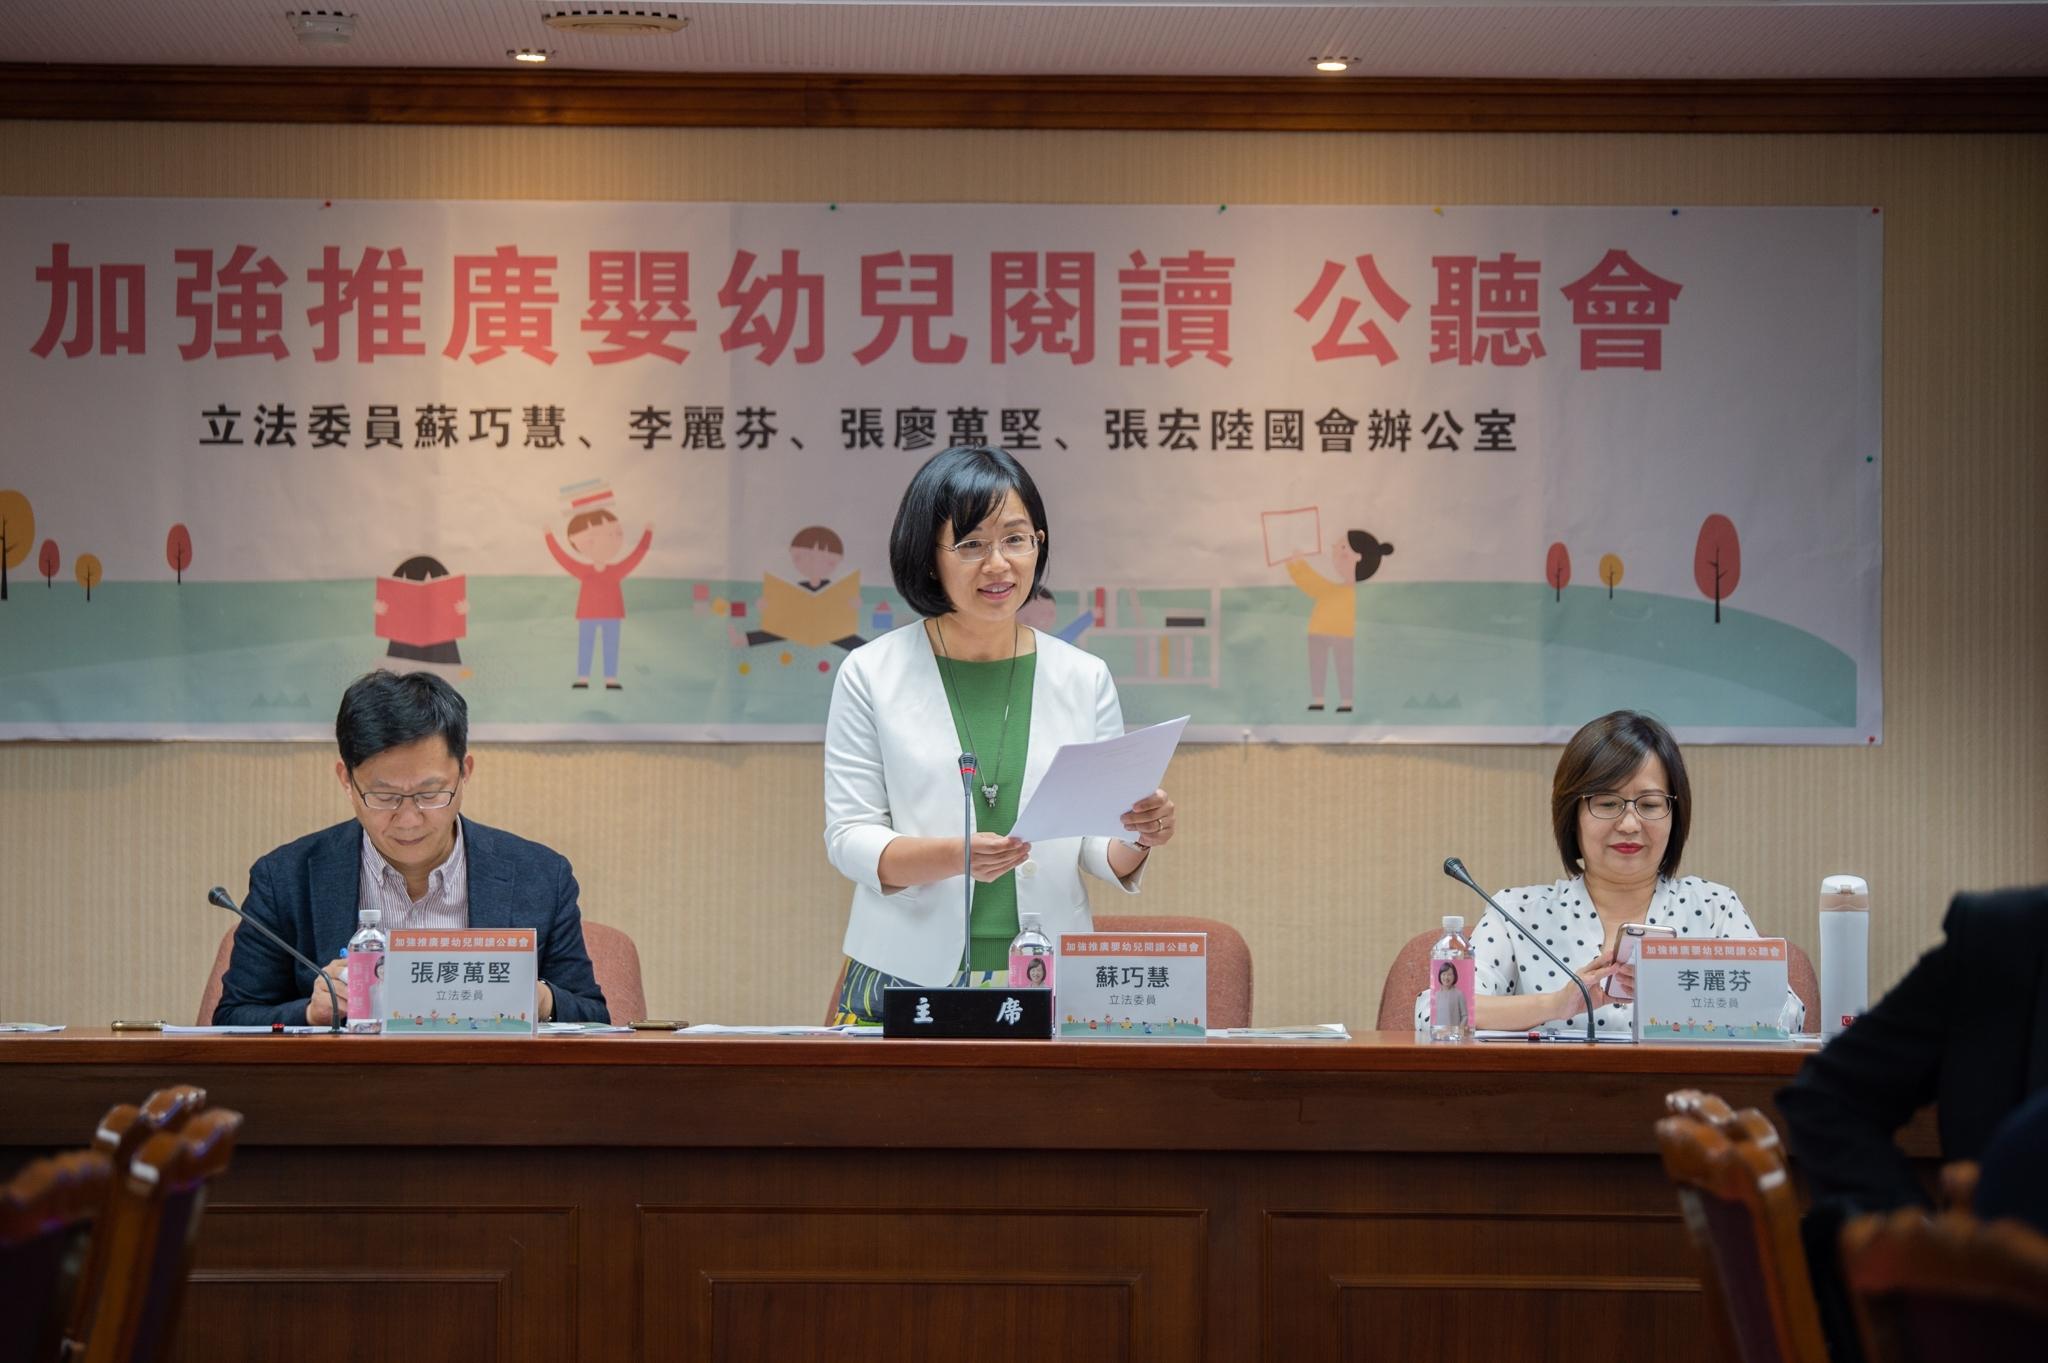 2019/05/29 加強推廣嬰幼兒閱讀公聽會